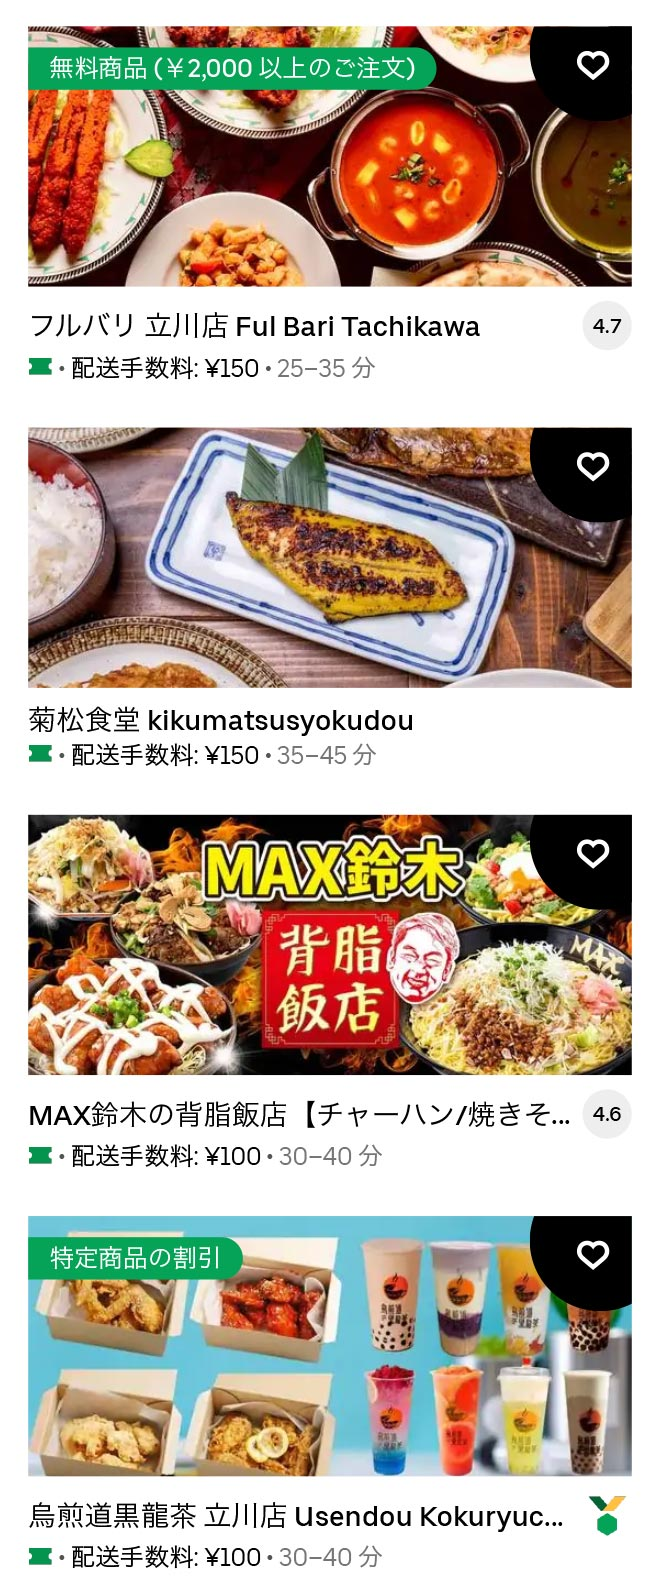 U tachikawa 2106 10